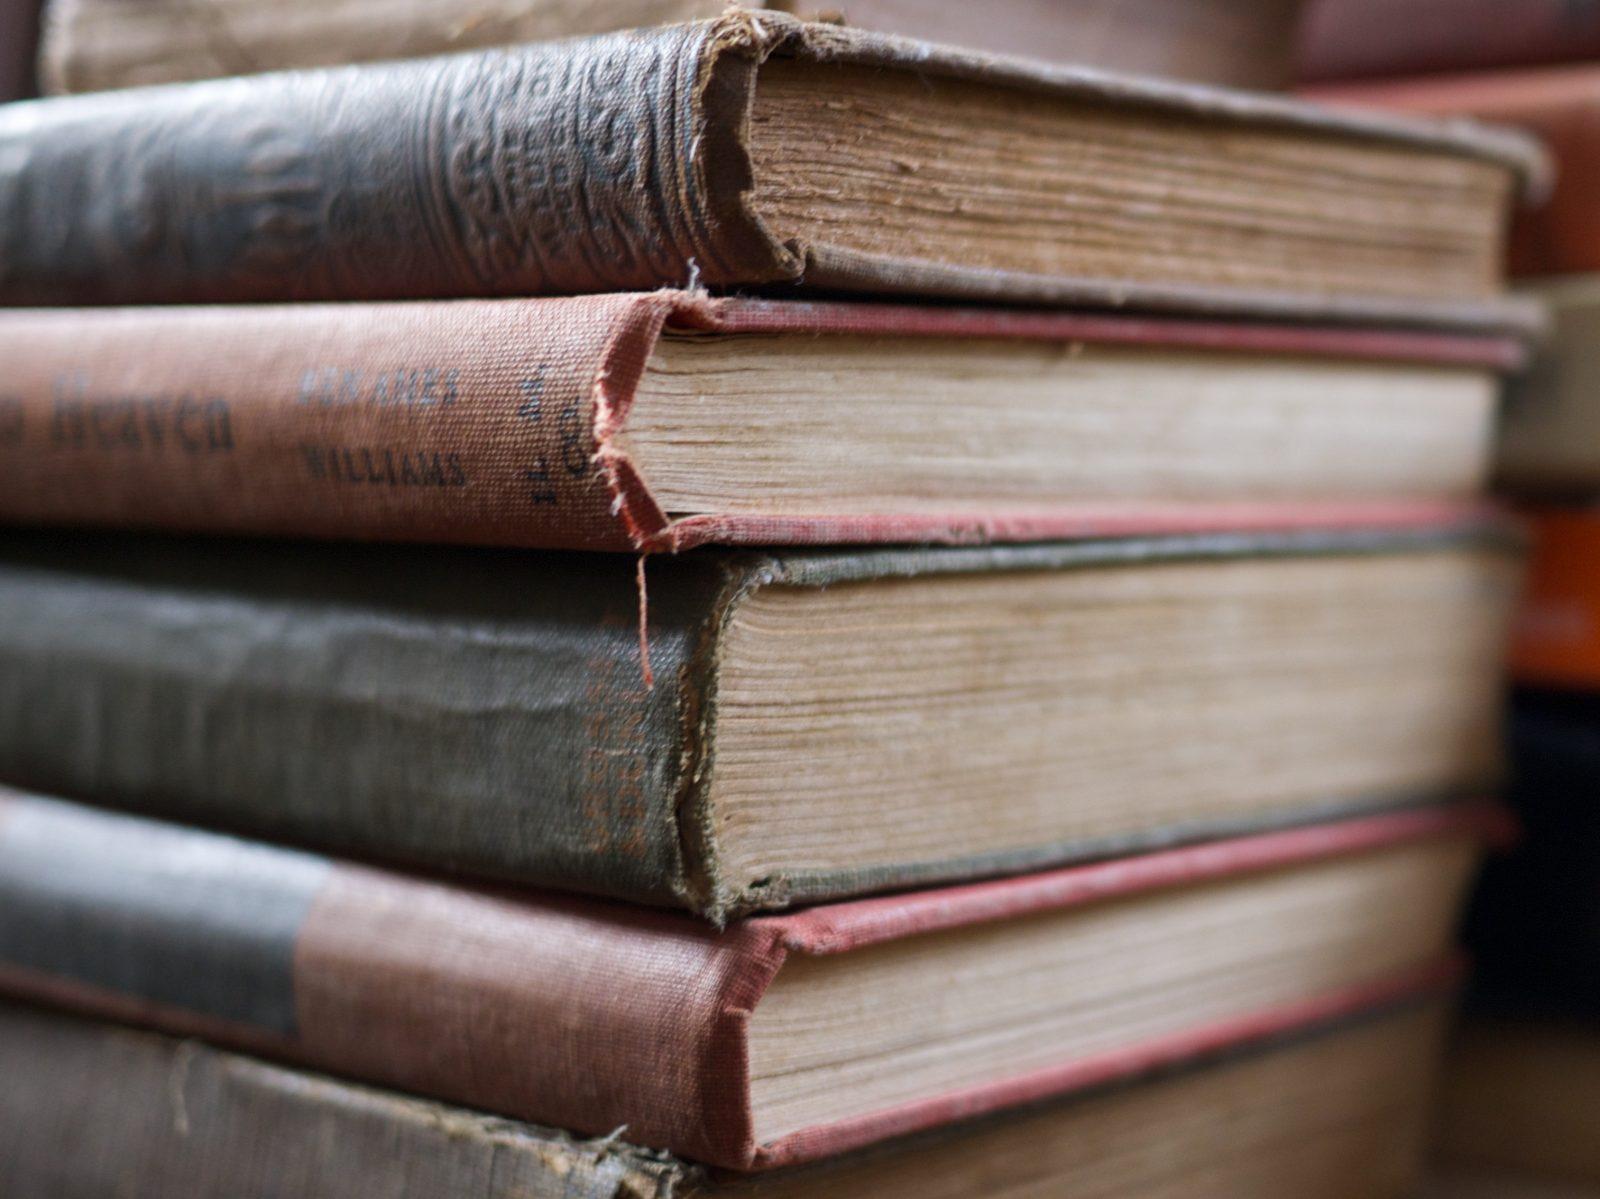 La bibliothèque SDG annonce l'annulation des prêts entre bibliothèques